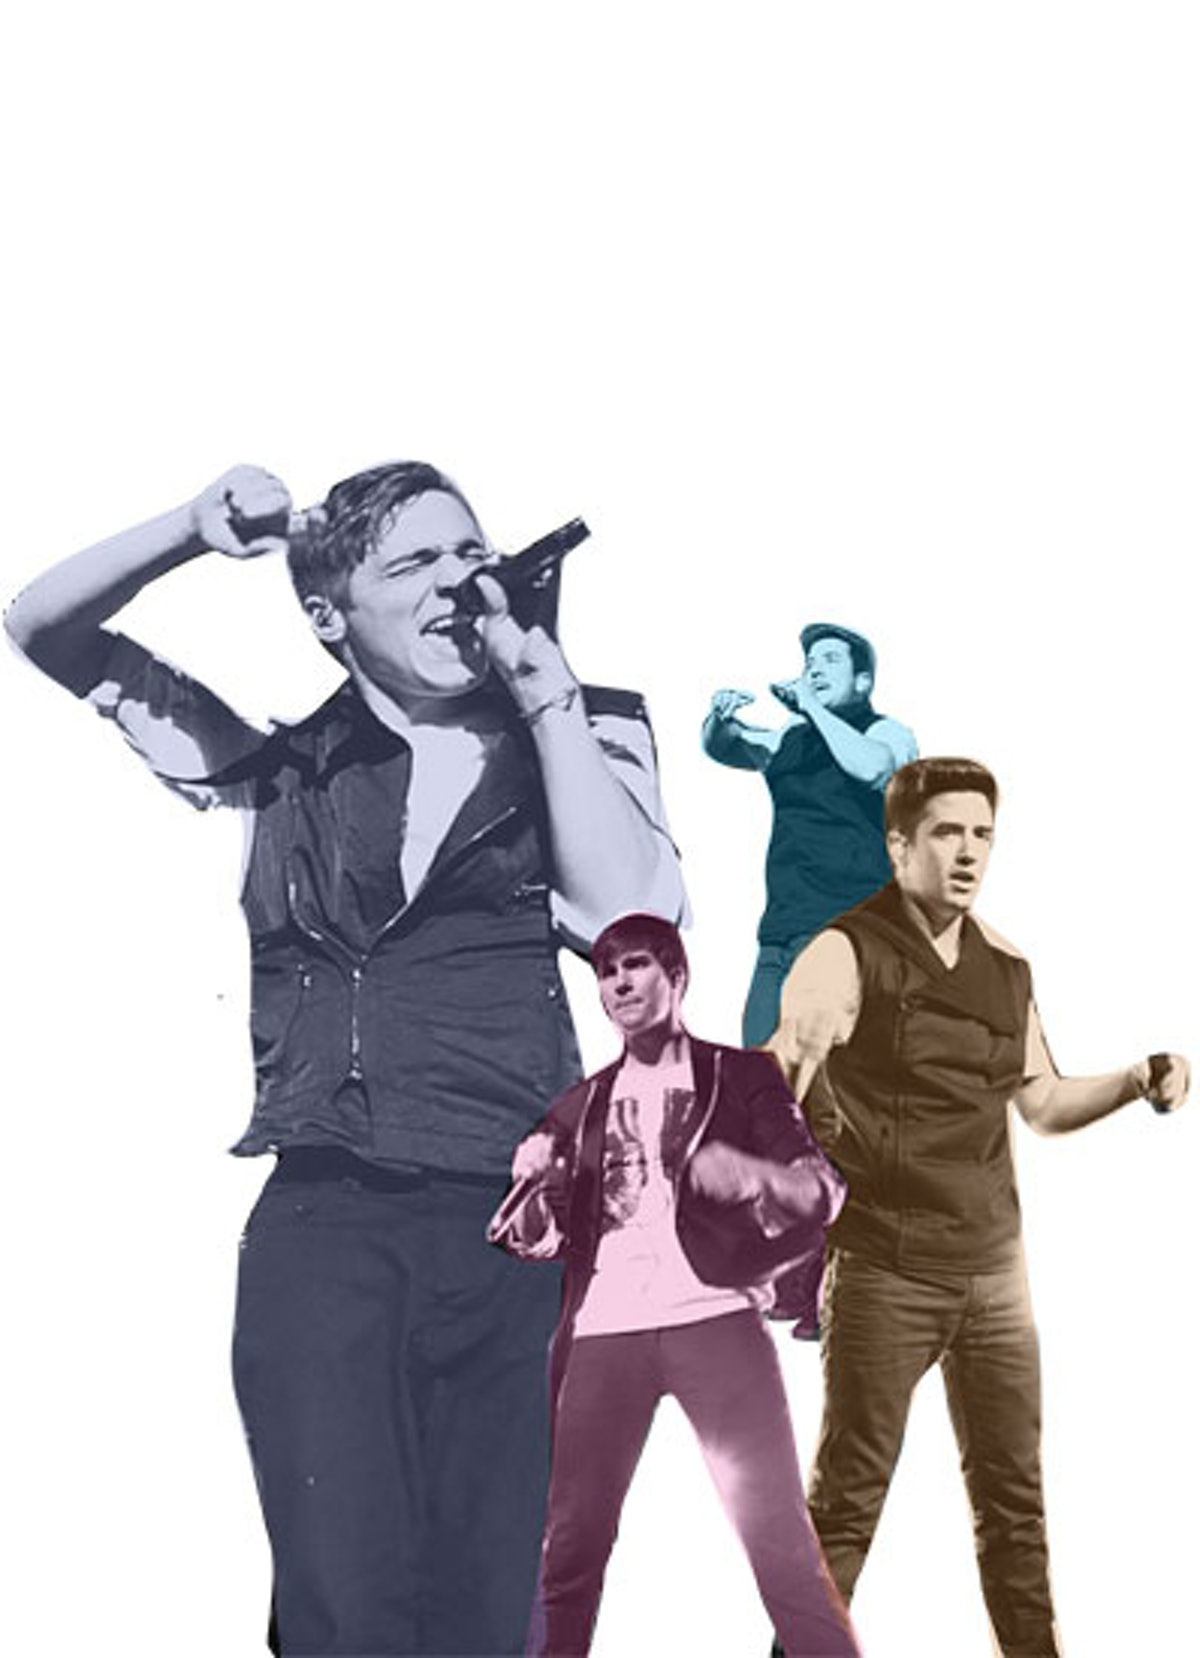 cess-boy-bands-2012-03-v.jpg